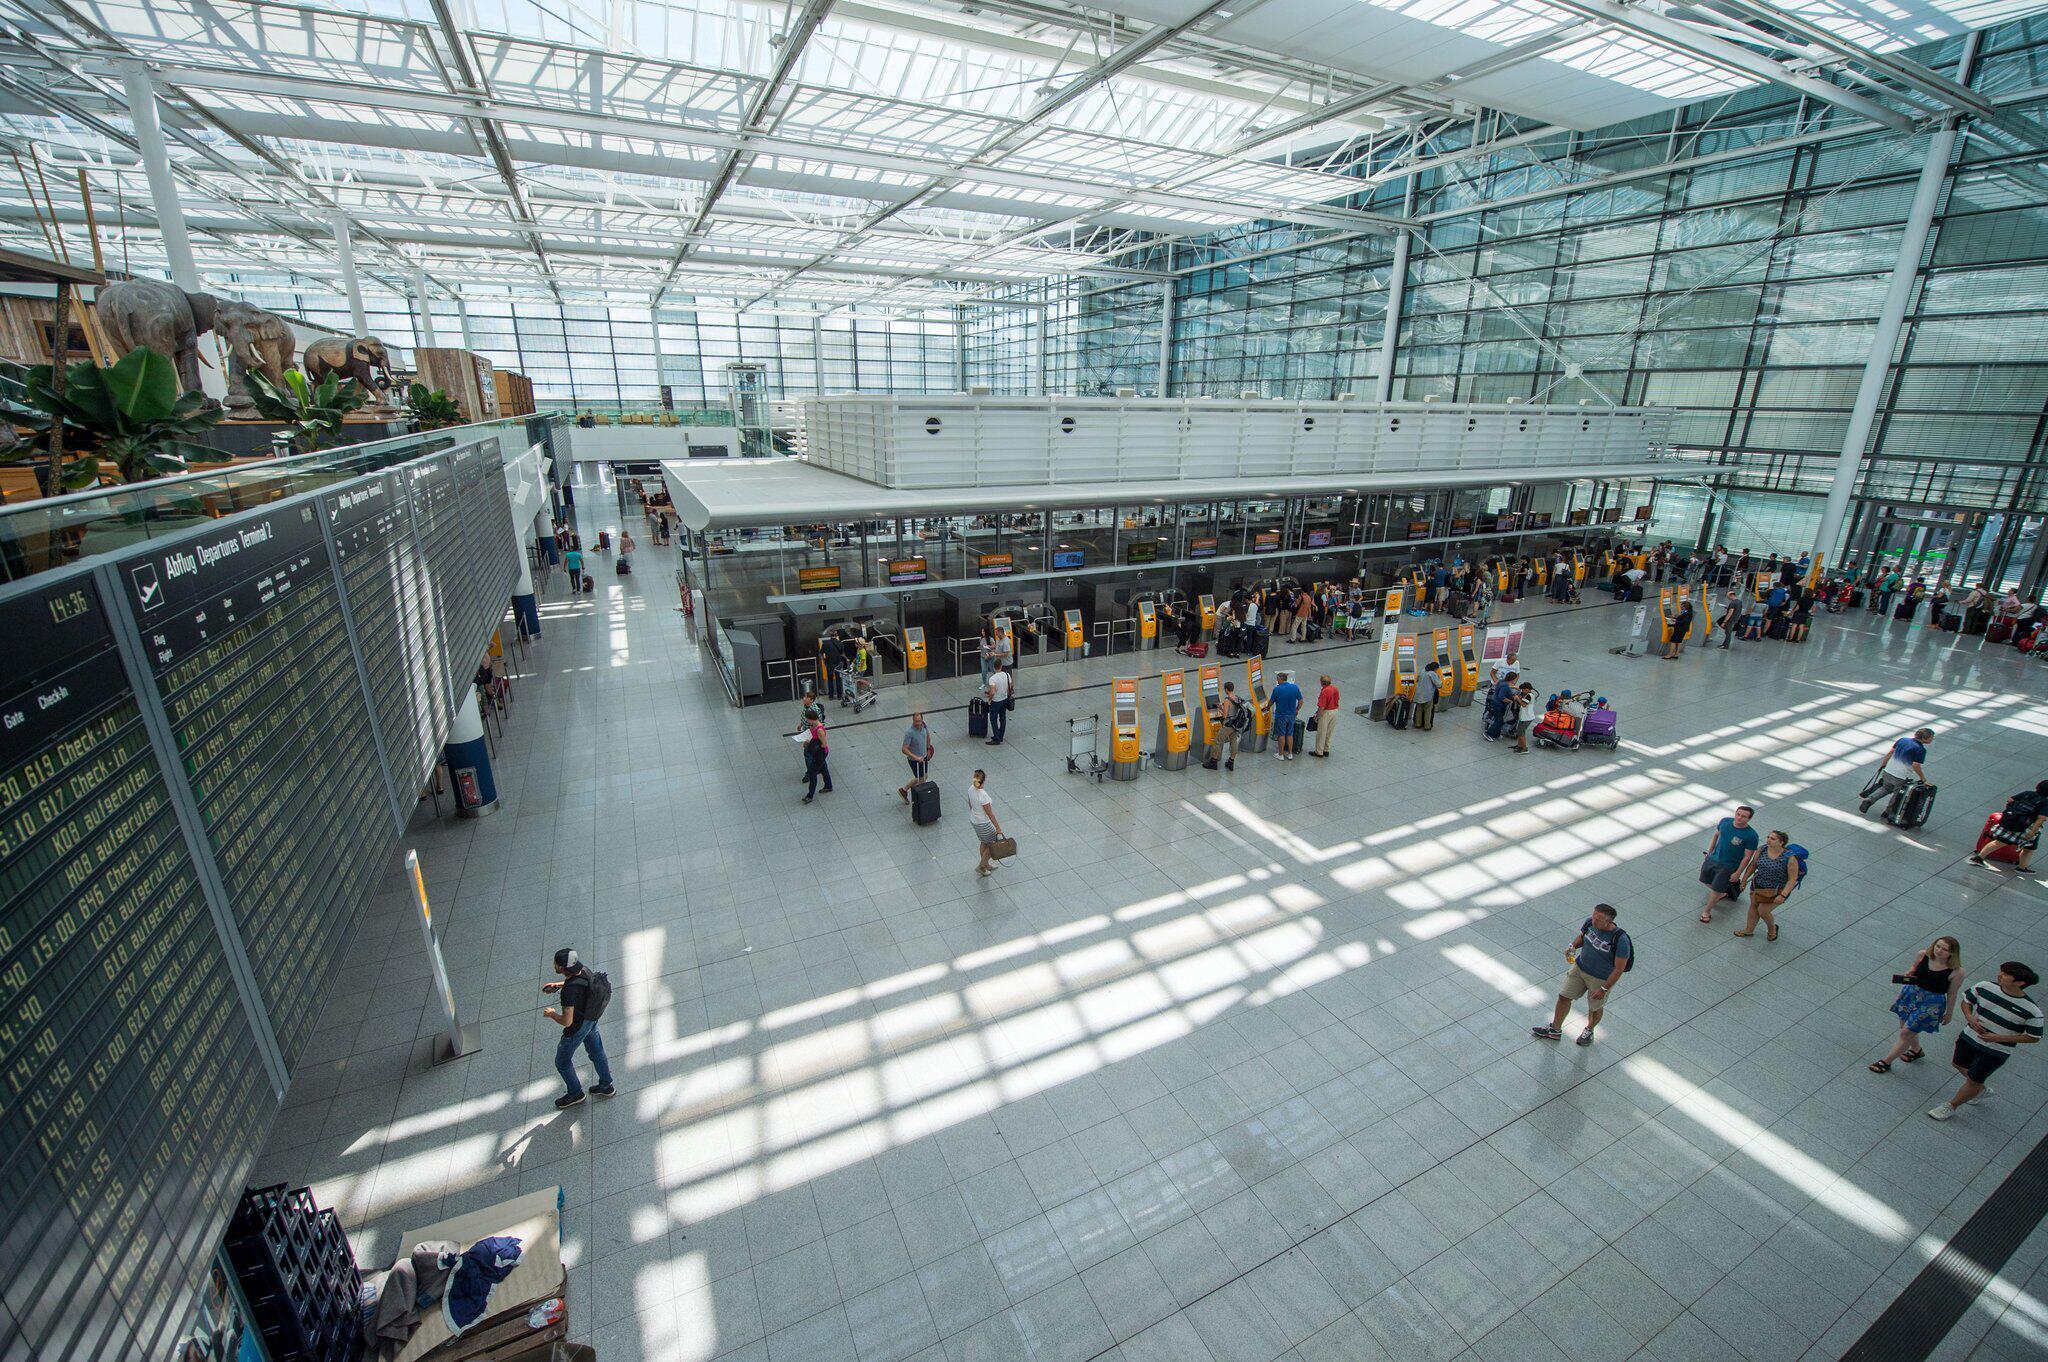 Bild zu Nach Sicherheitschaos am Munich Airport - Aufräumarbeiten